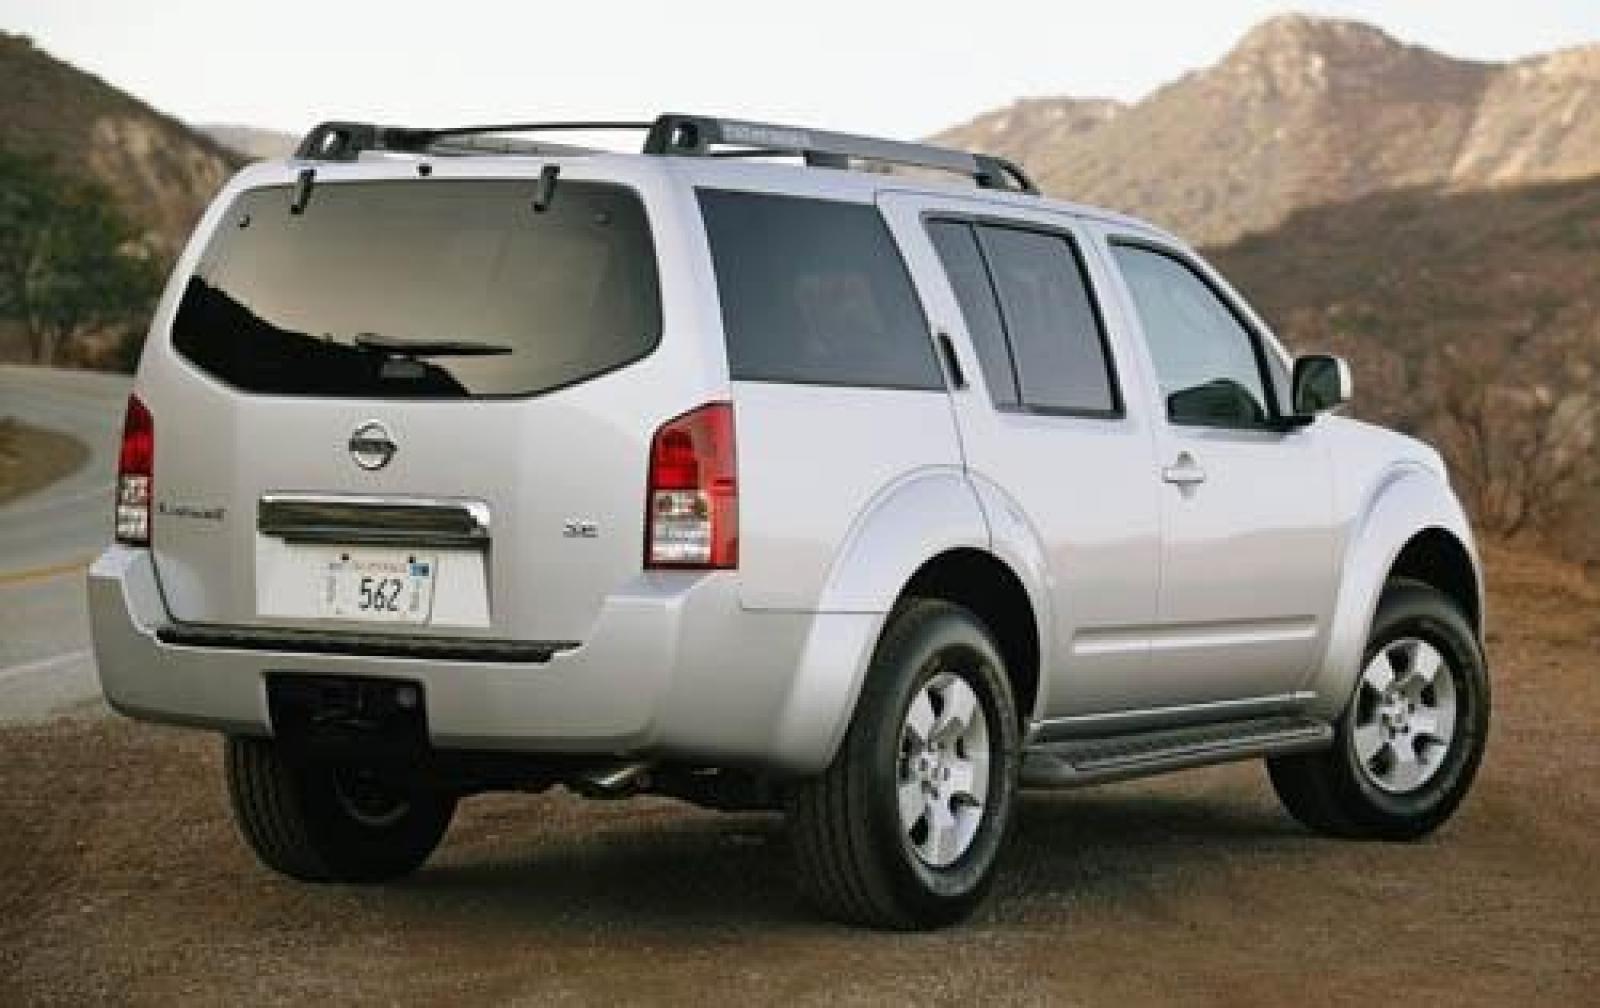 ... 2008 Nissan Pathfinder SE Interior #9 800 1024 1280 1600 Origin ...